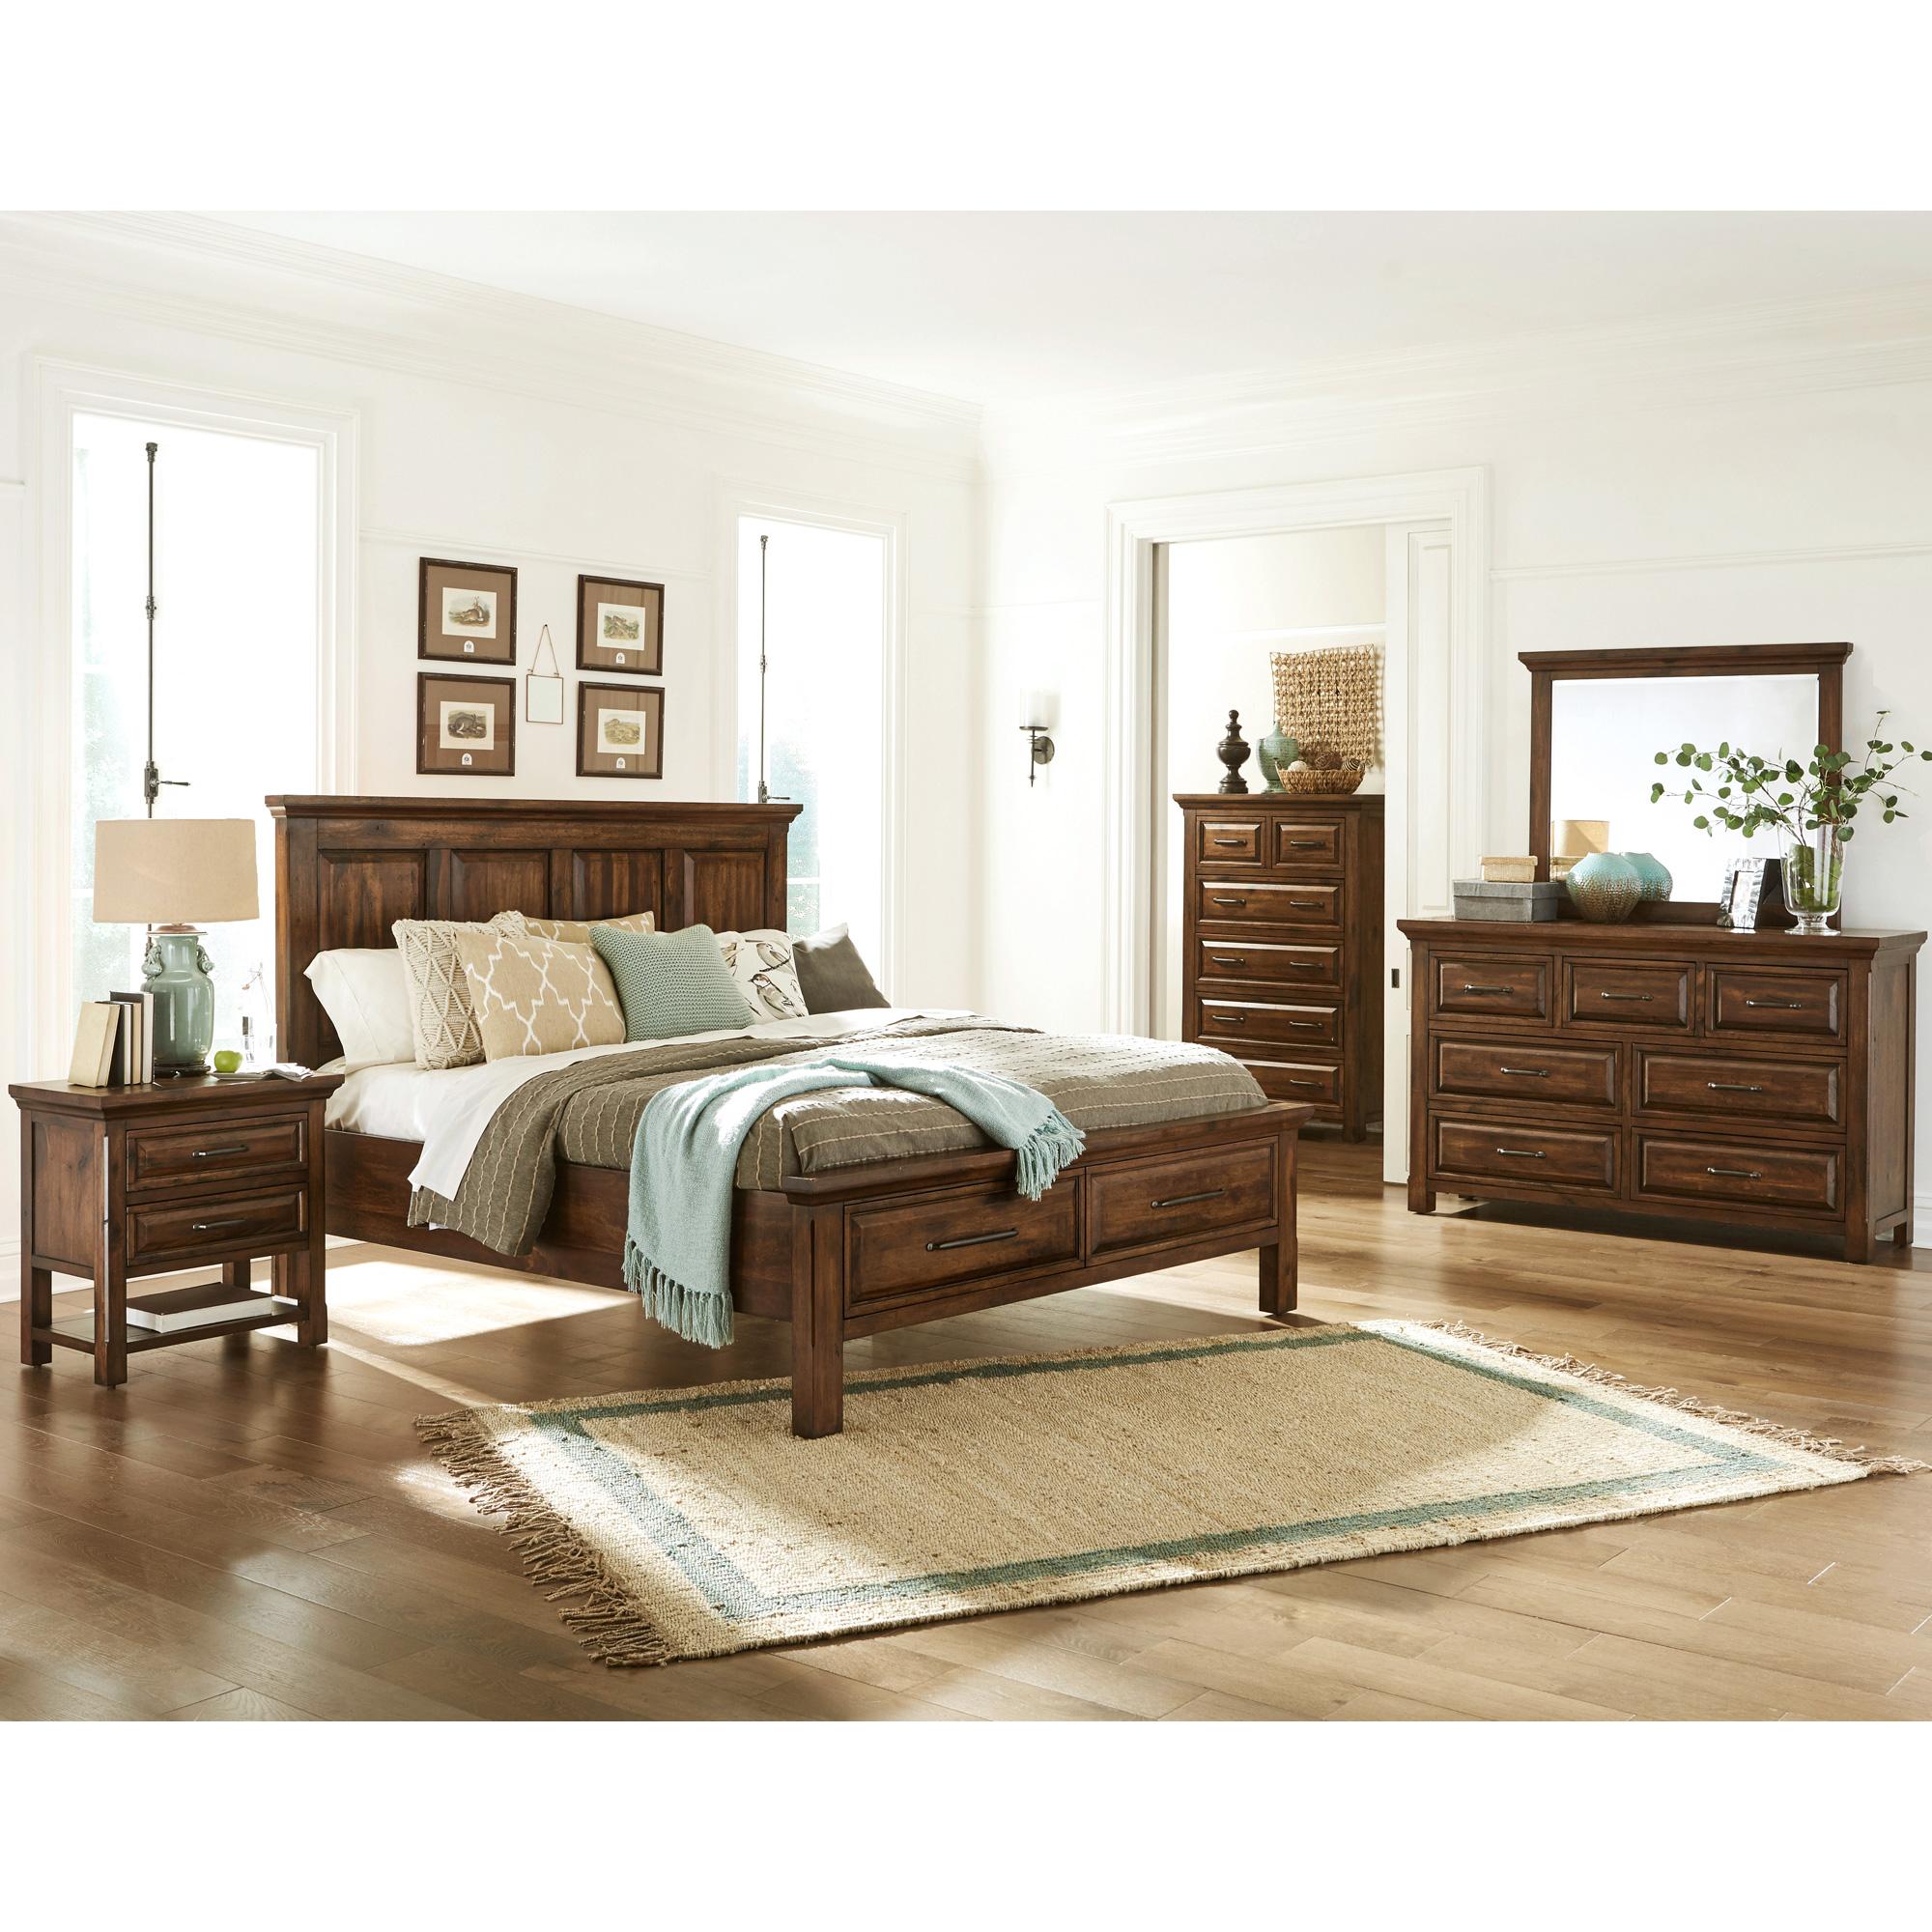 Napa Furniture   Hill Crest Dark Chestnut King 4 Piece Room Group Bedroom Set